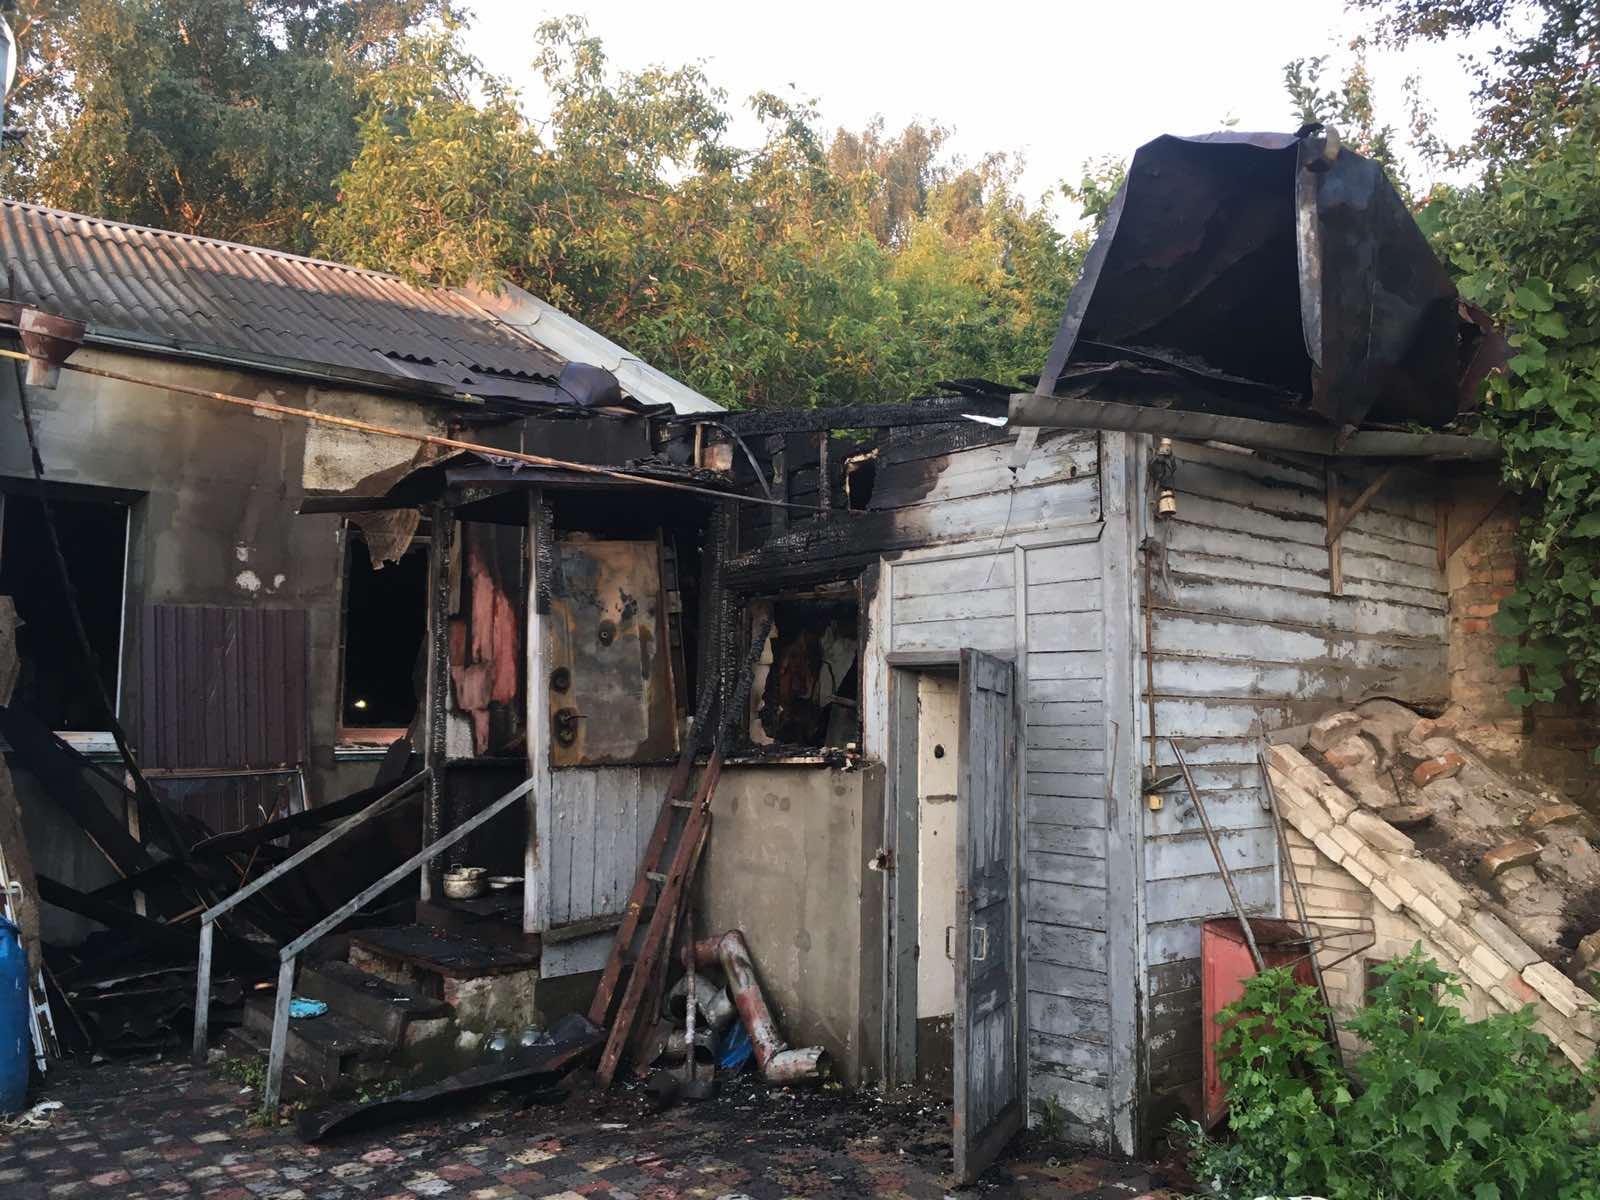 В Харькове умер мужчина, которого спасли из огня (фото, видео)